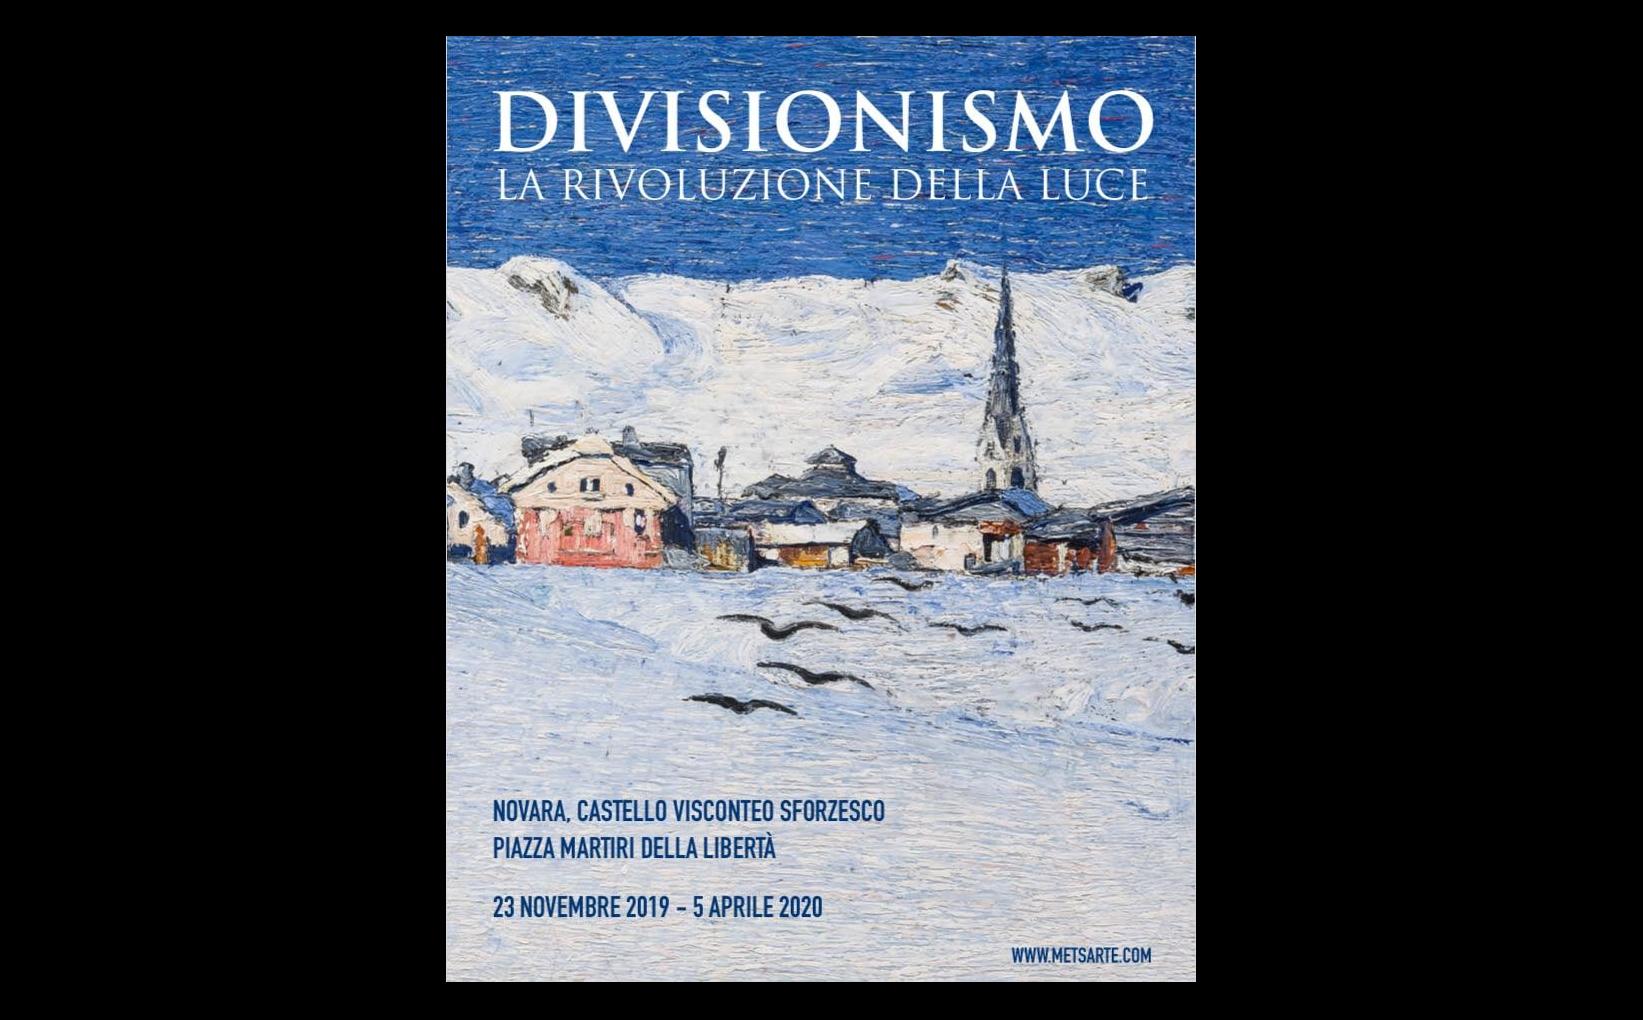 DIVISIONISMO. La rivoluzione della luce - NOVARA – Castello